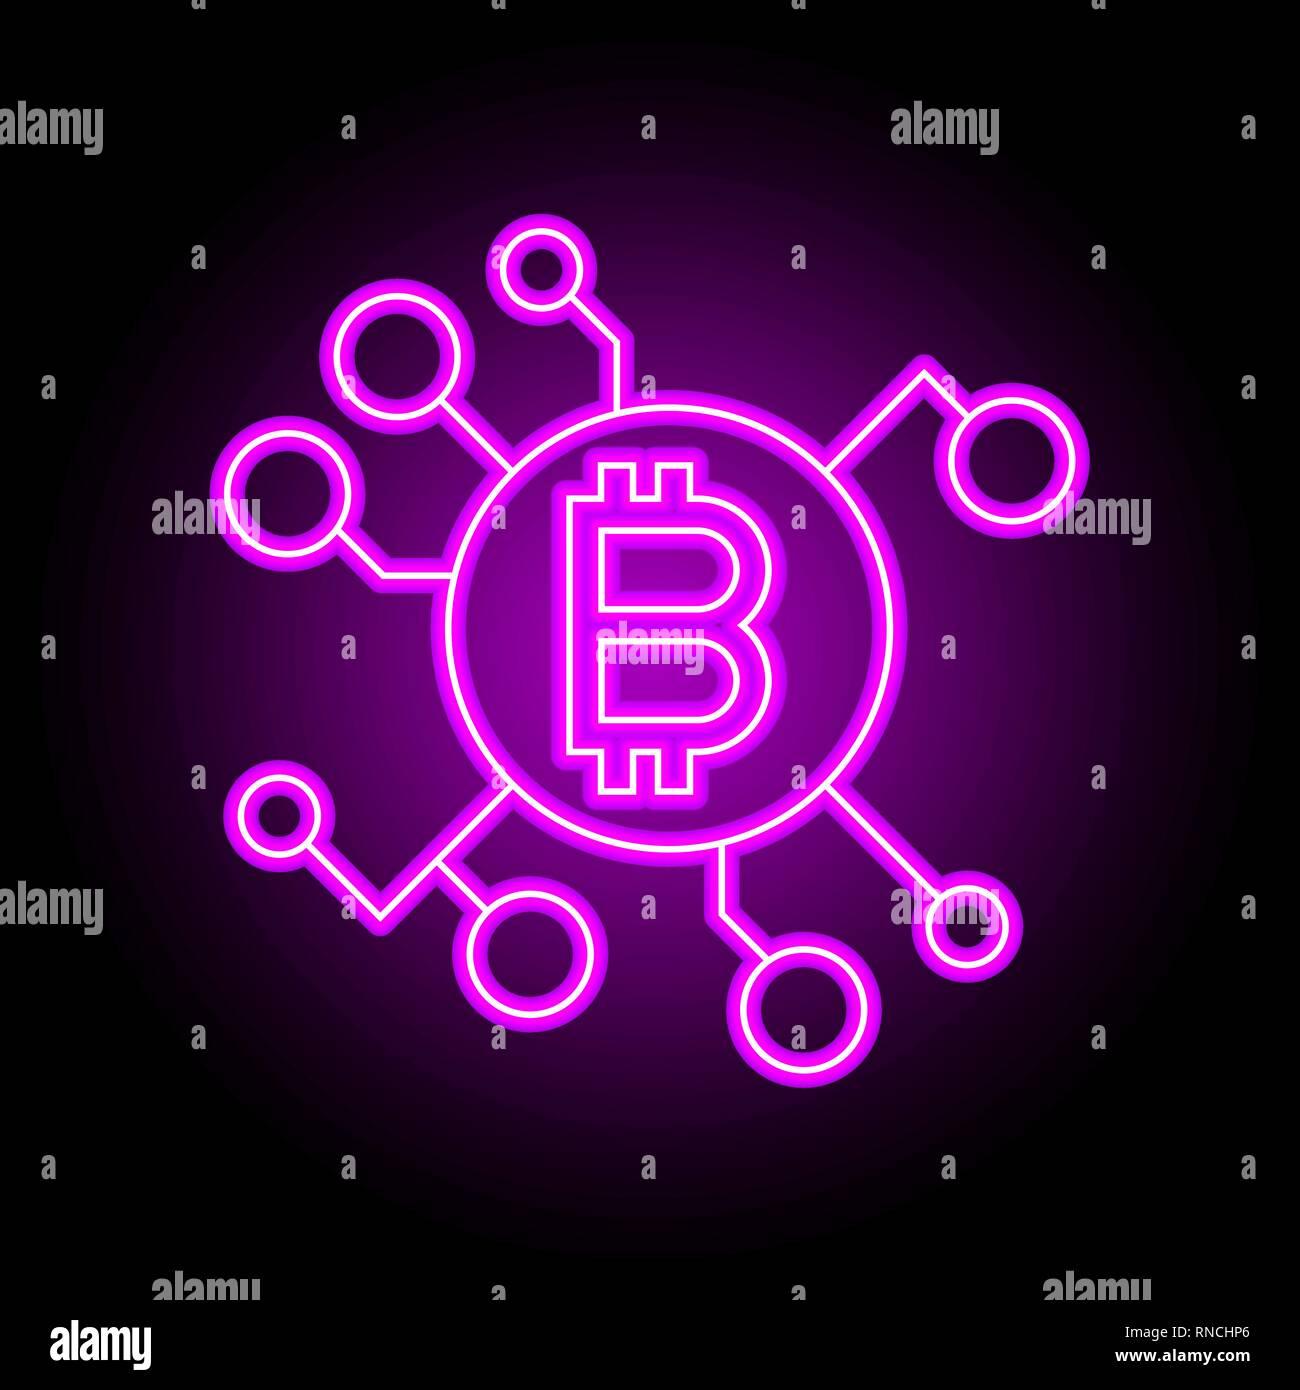 Blockchain concetto tecnologico. Accedi neon stile Illustrazione Vettoriale